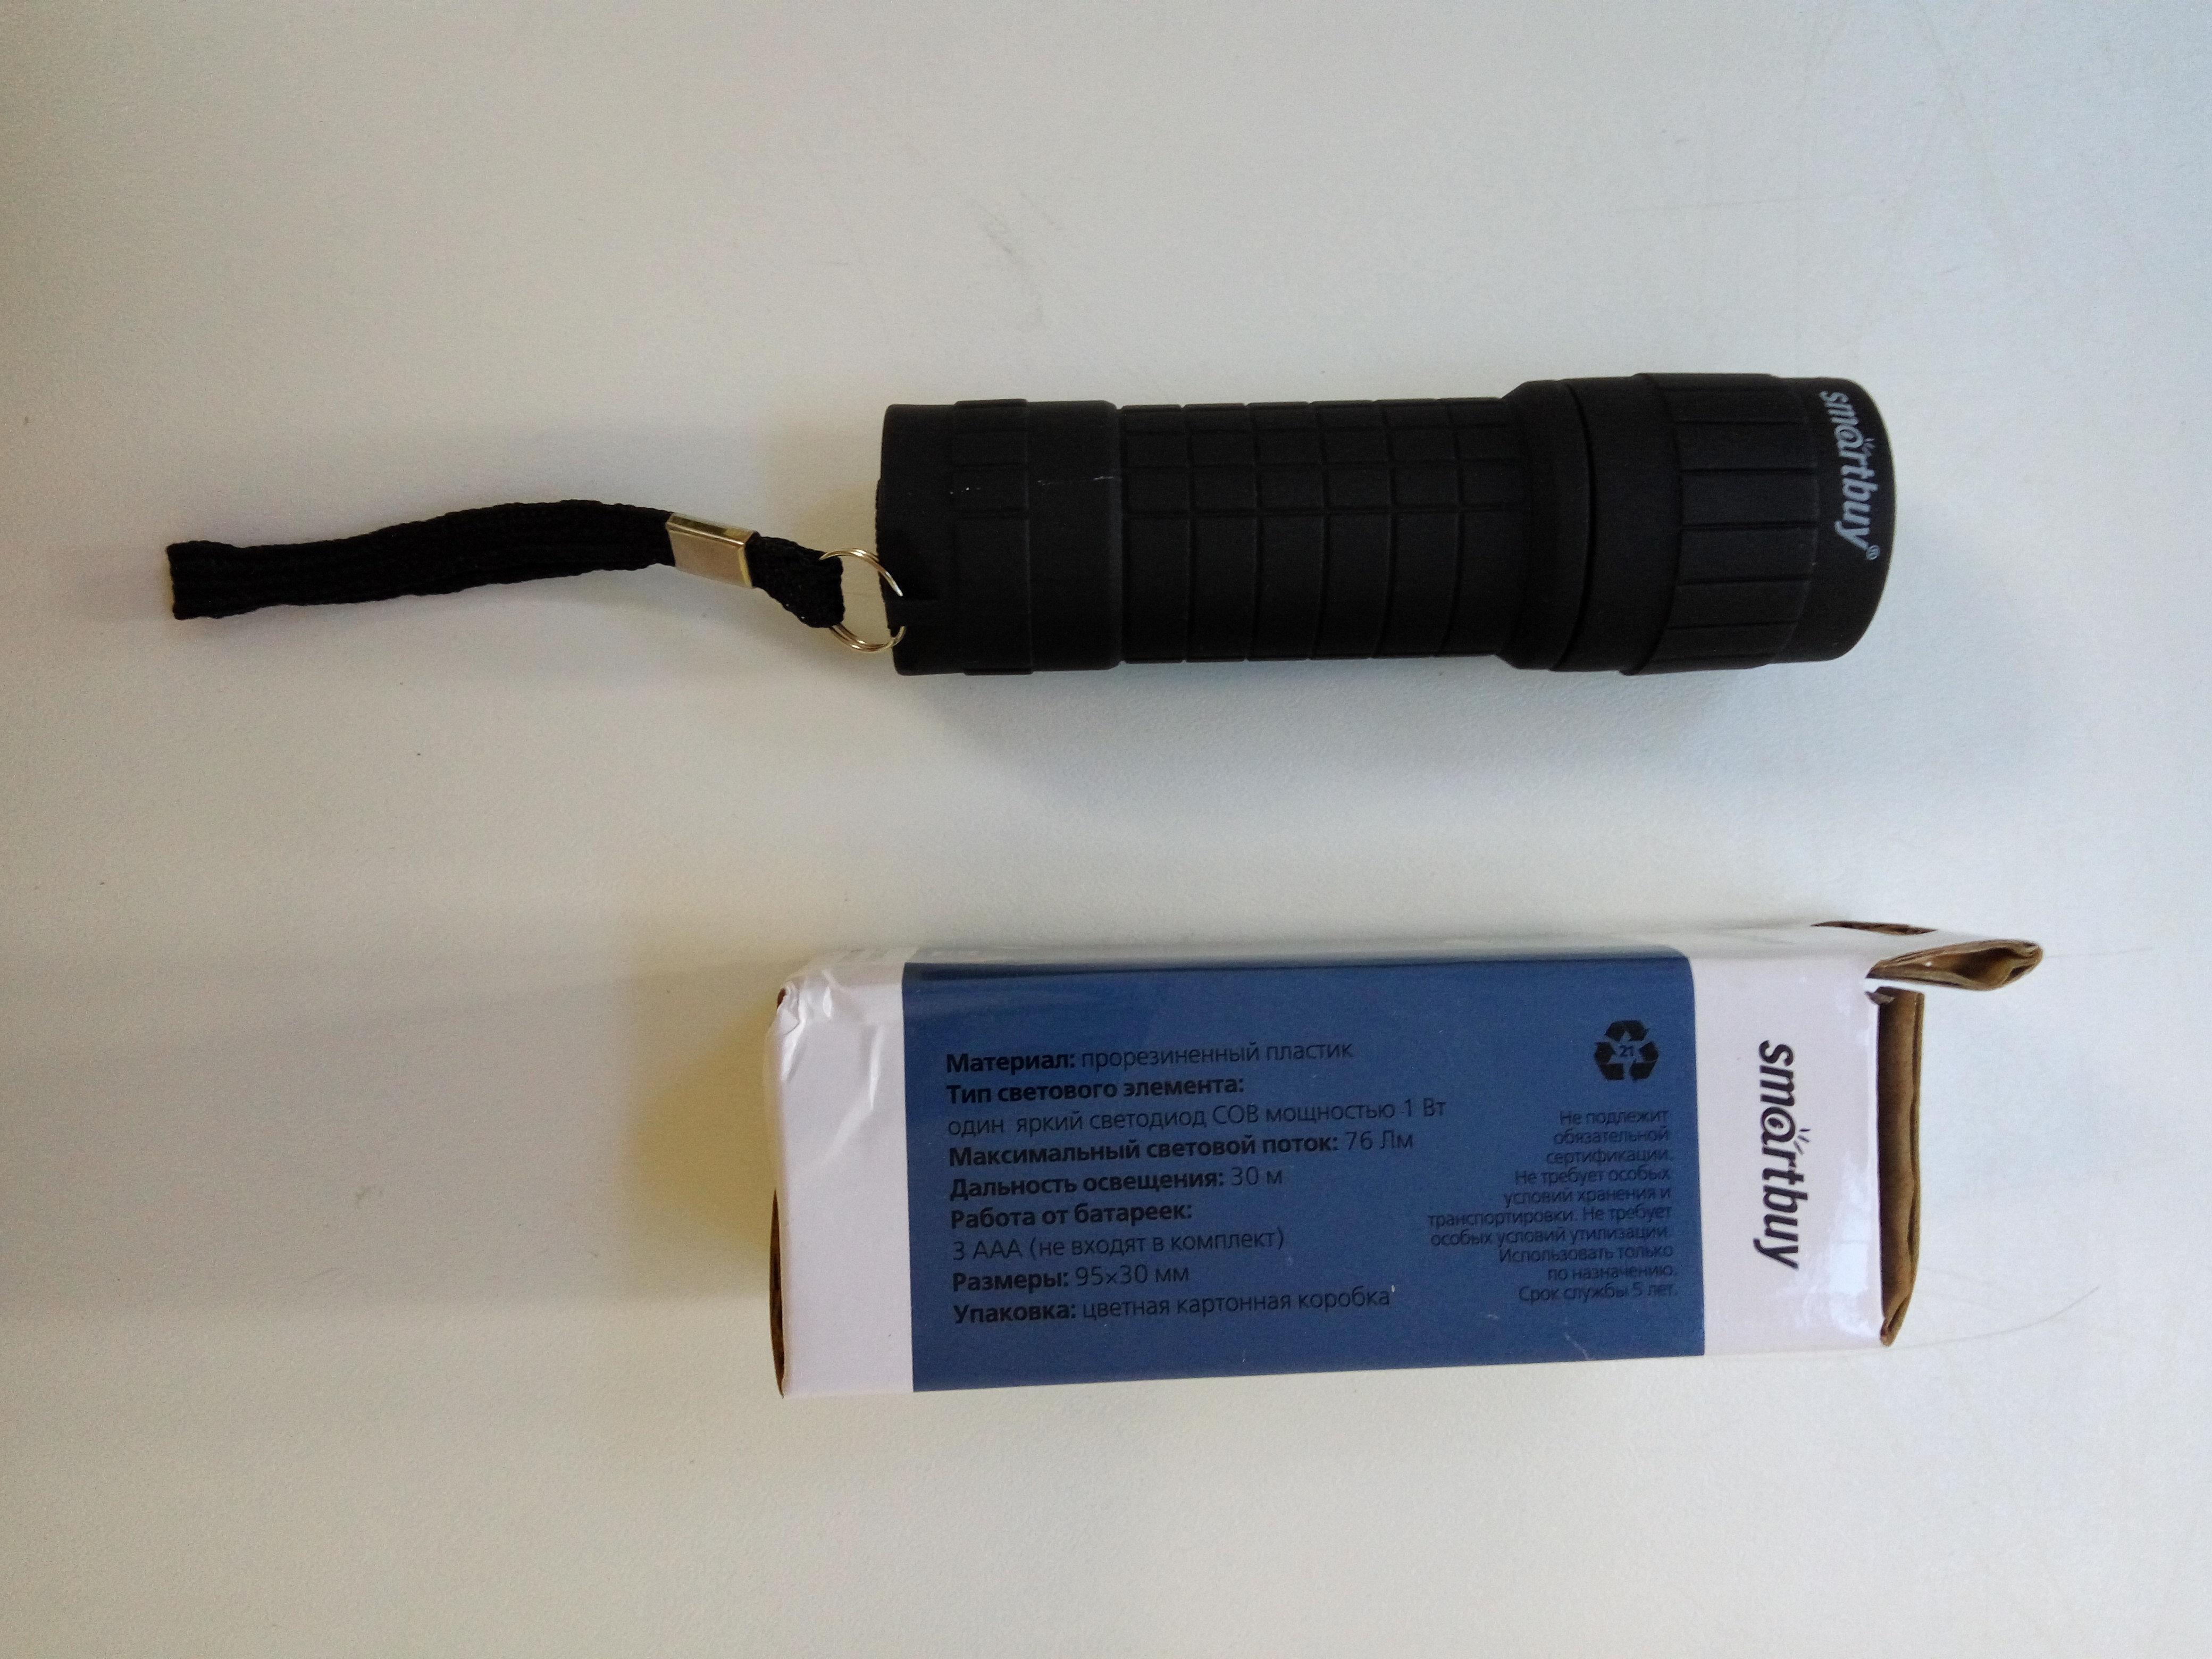 Светодиодный резиновый фонарь 1 Вт COB LED Smartbuy